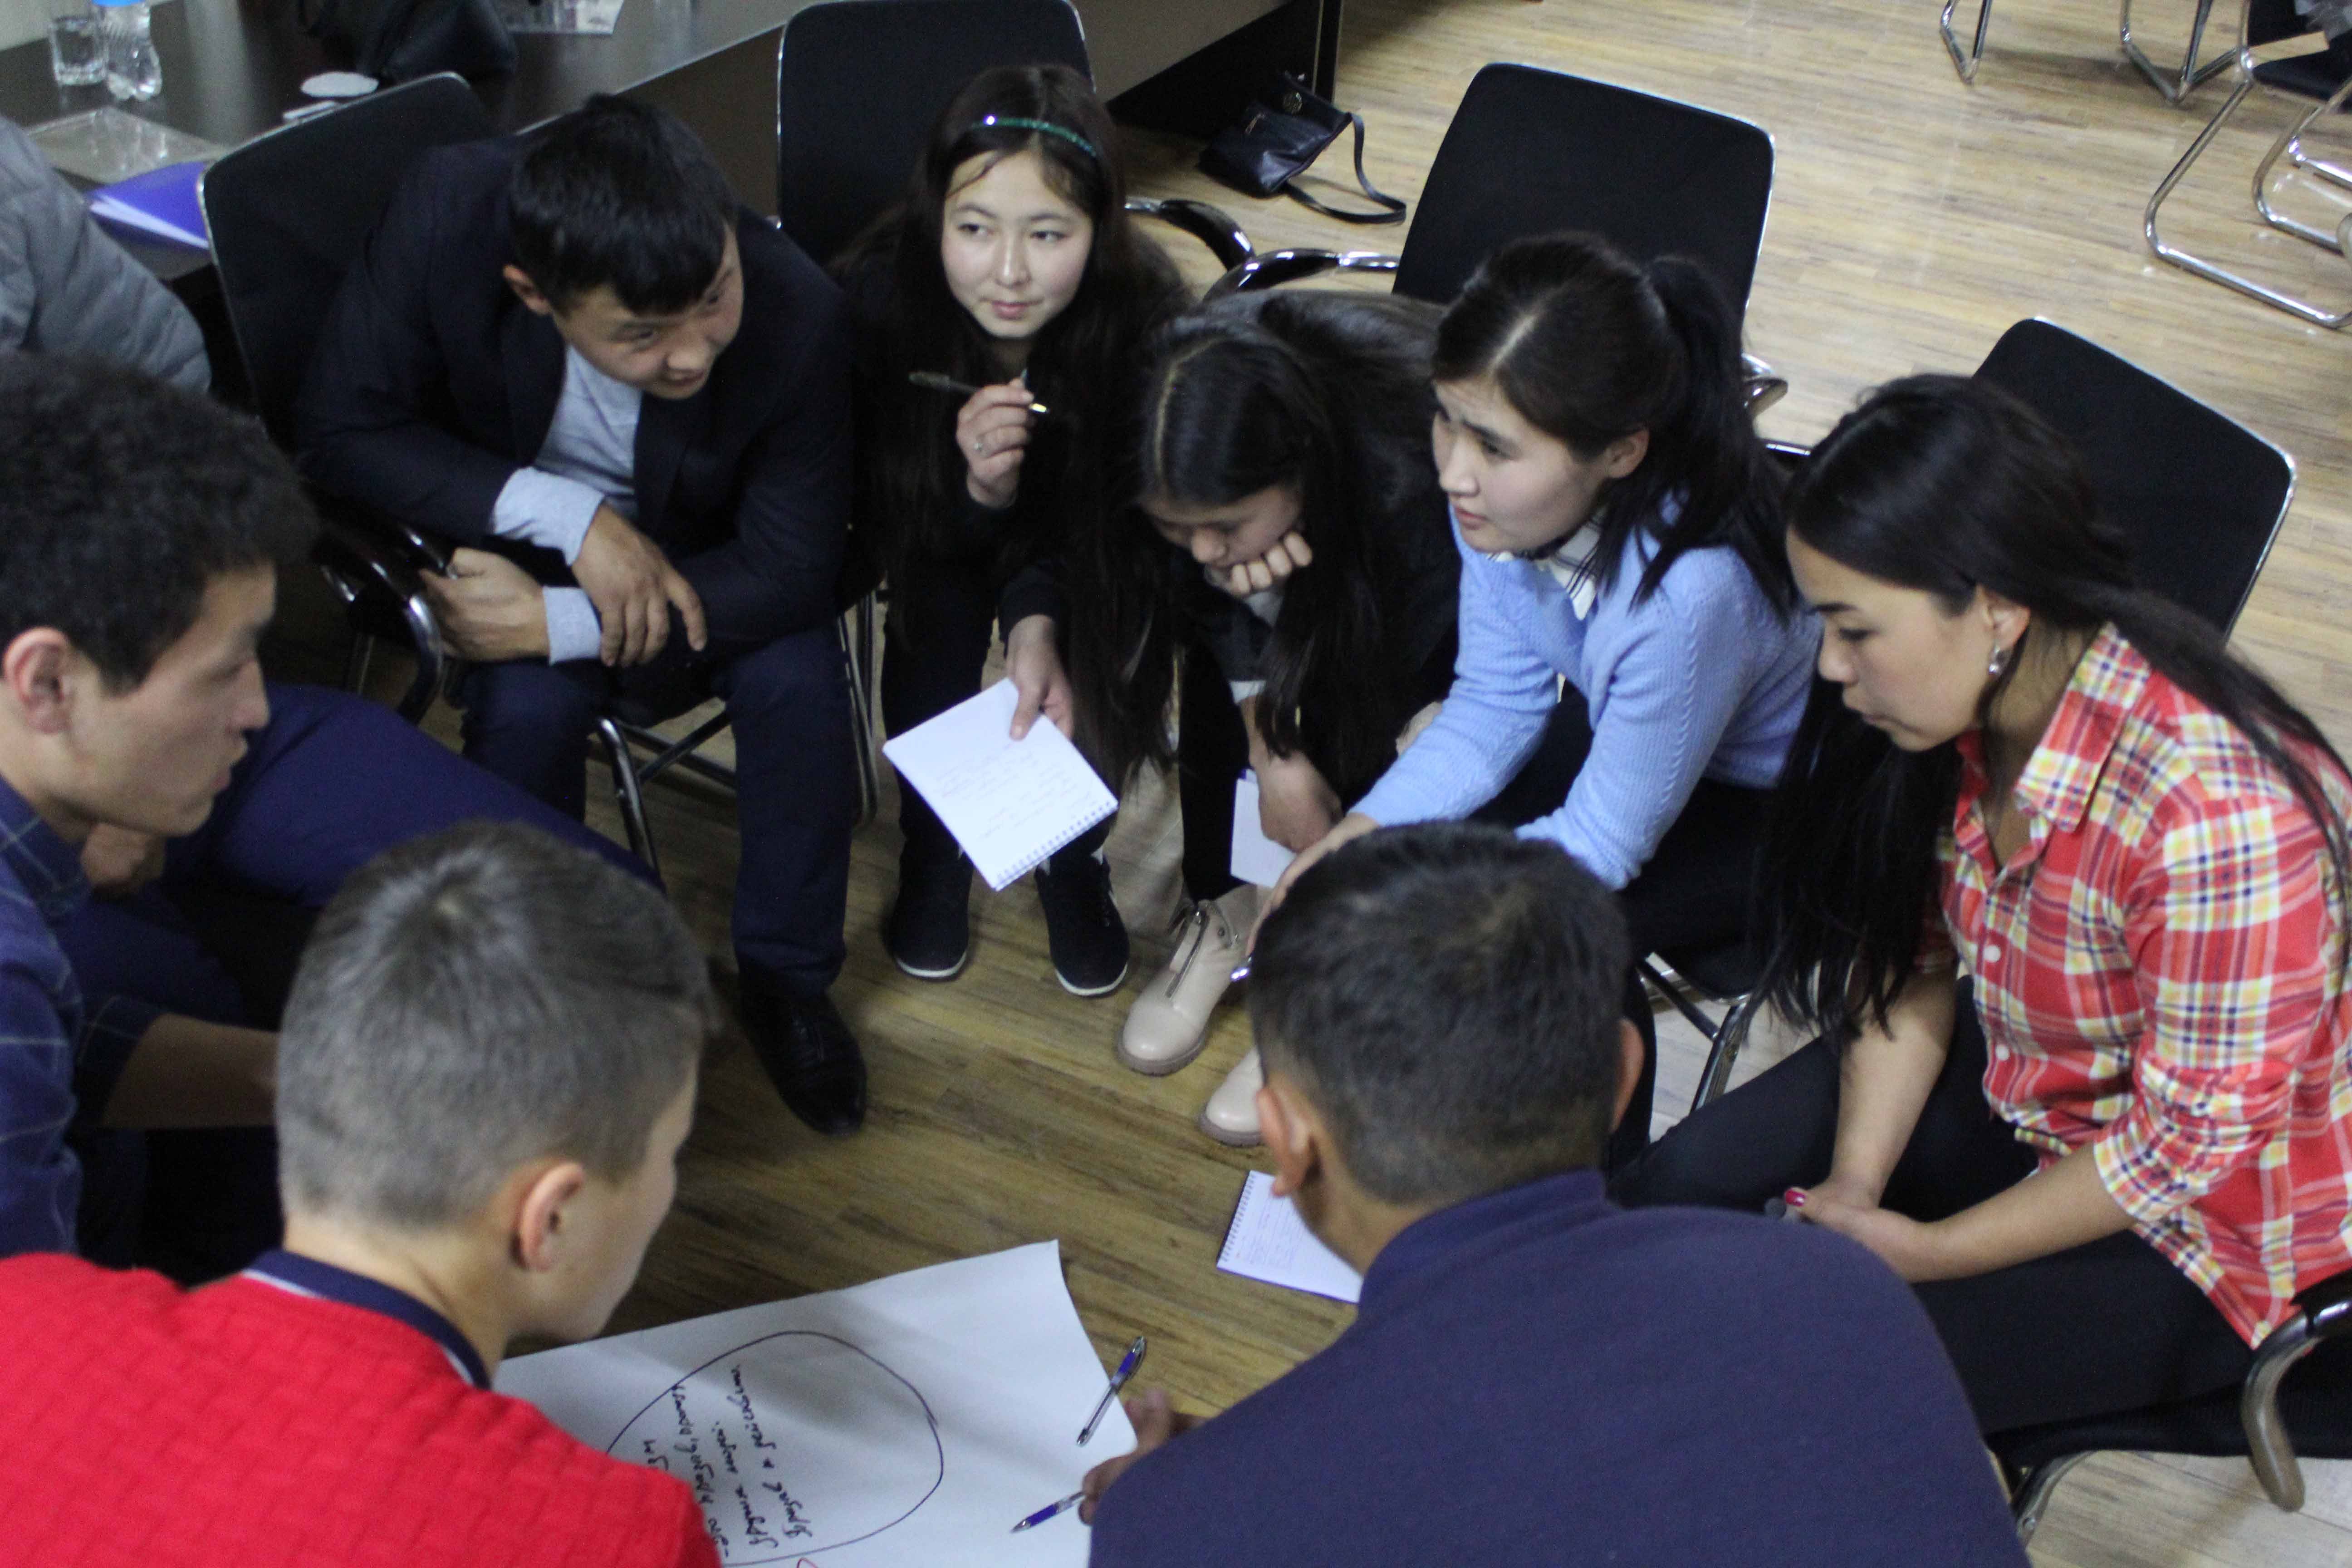 Финансируемый ЕС проект использует ролевые игры и театральные постановки для борьбы с радикализацией в Кыргызстане